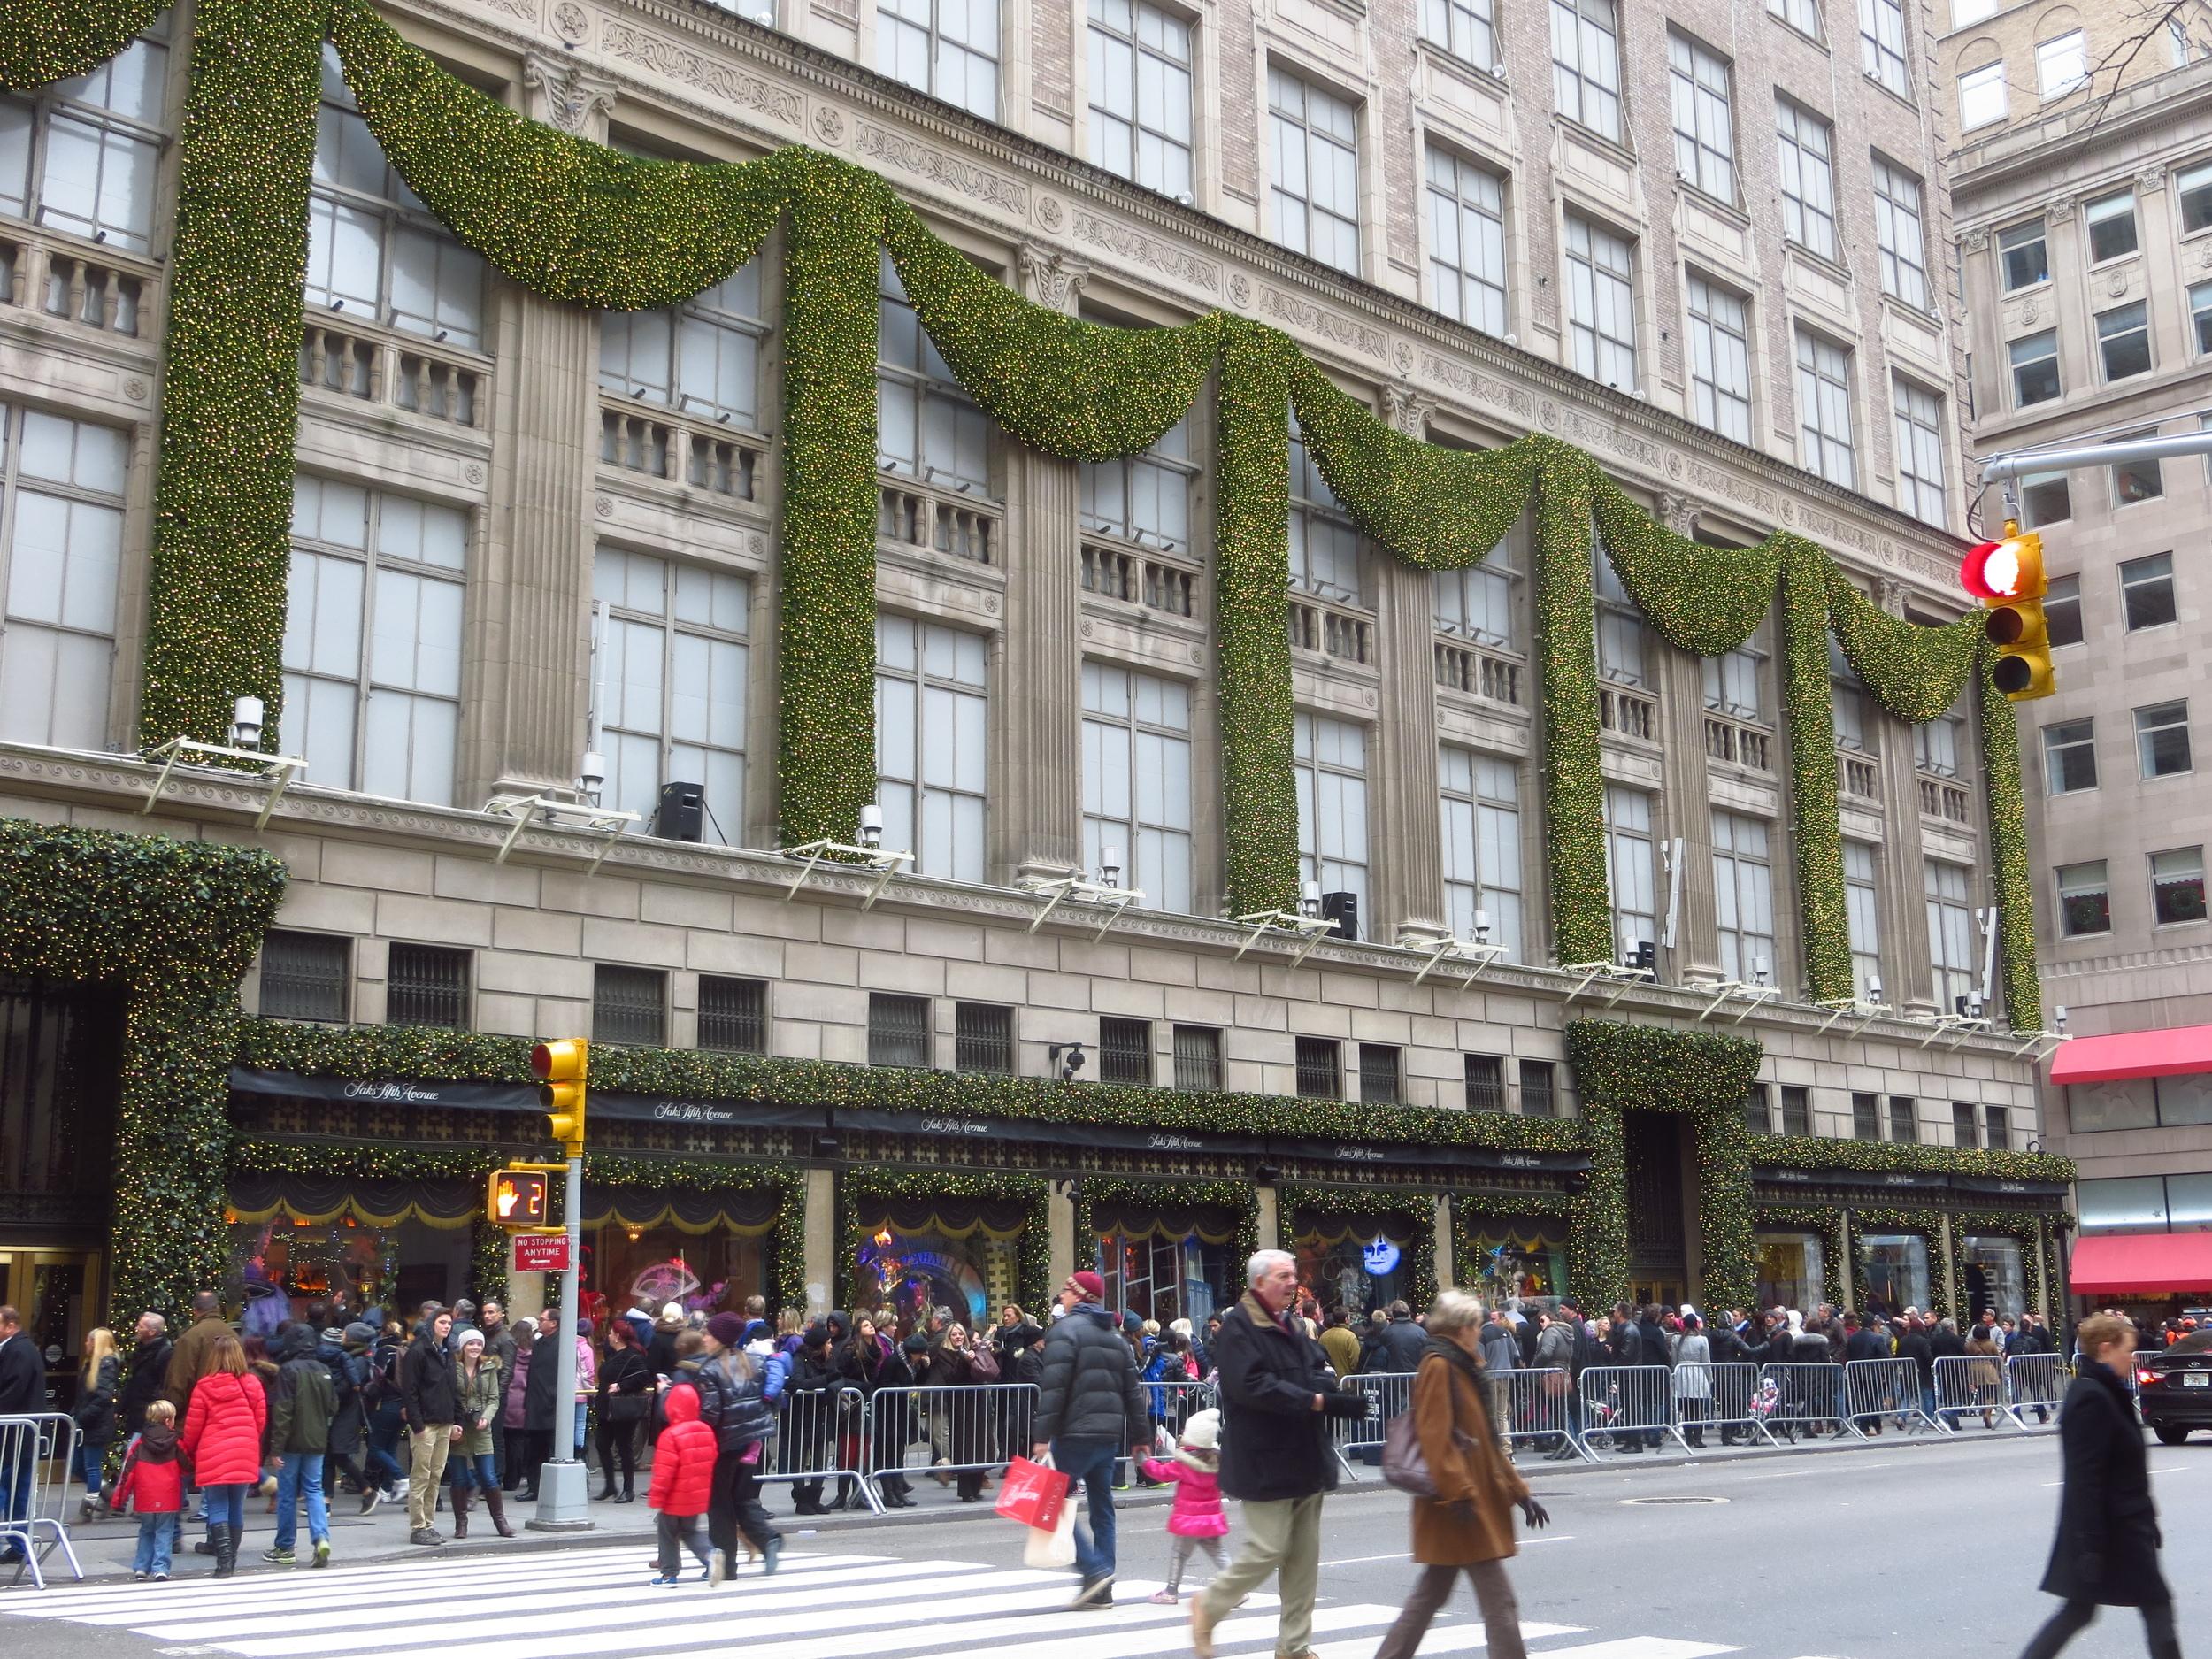 Sak's Fifth Avenue